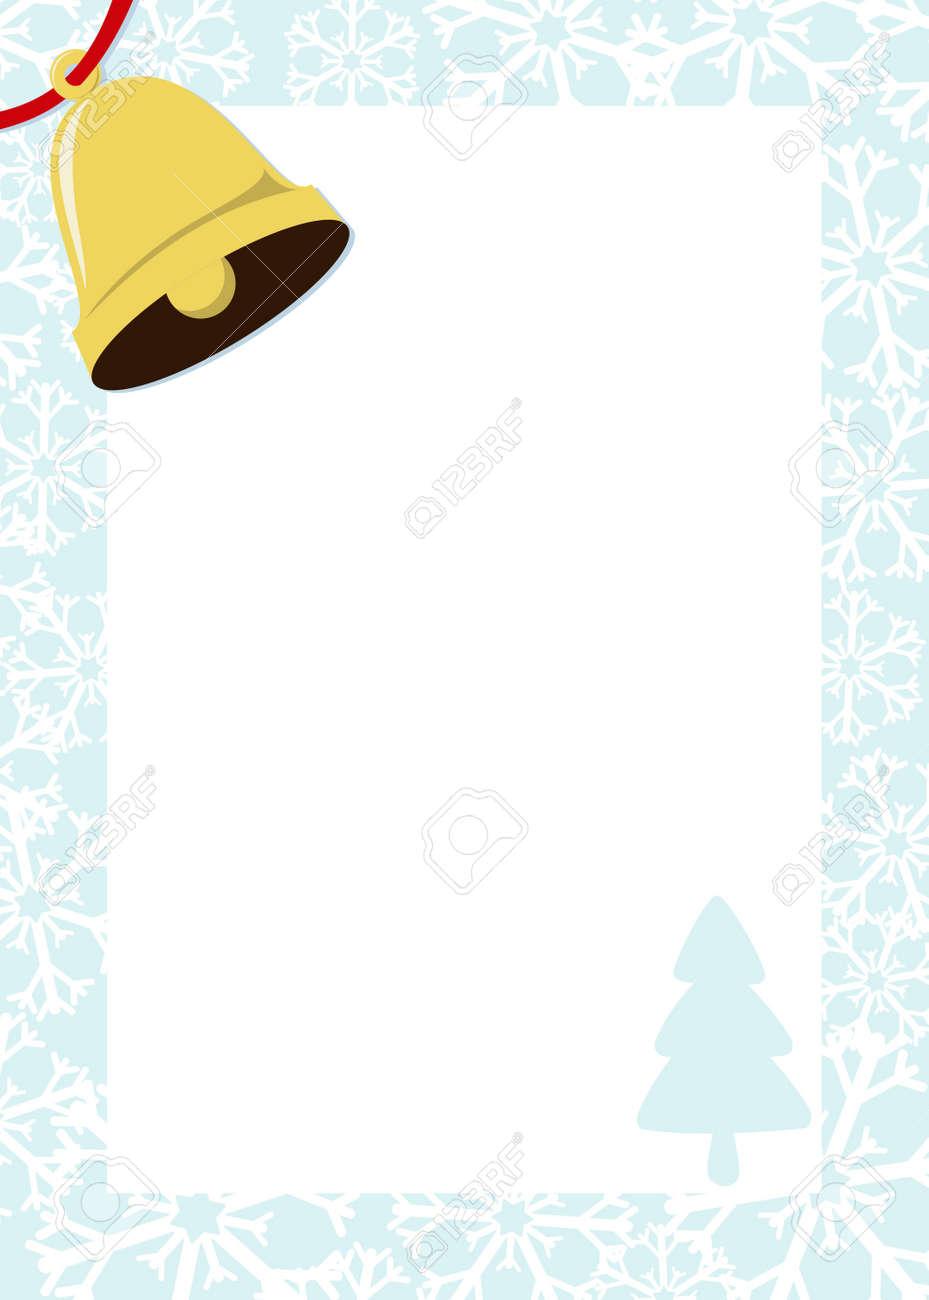 Weihnachten Rahmen Mit Goldenen Glocke Und Weißen Hintergrund Für